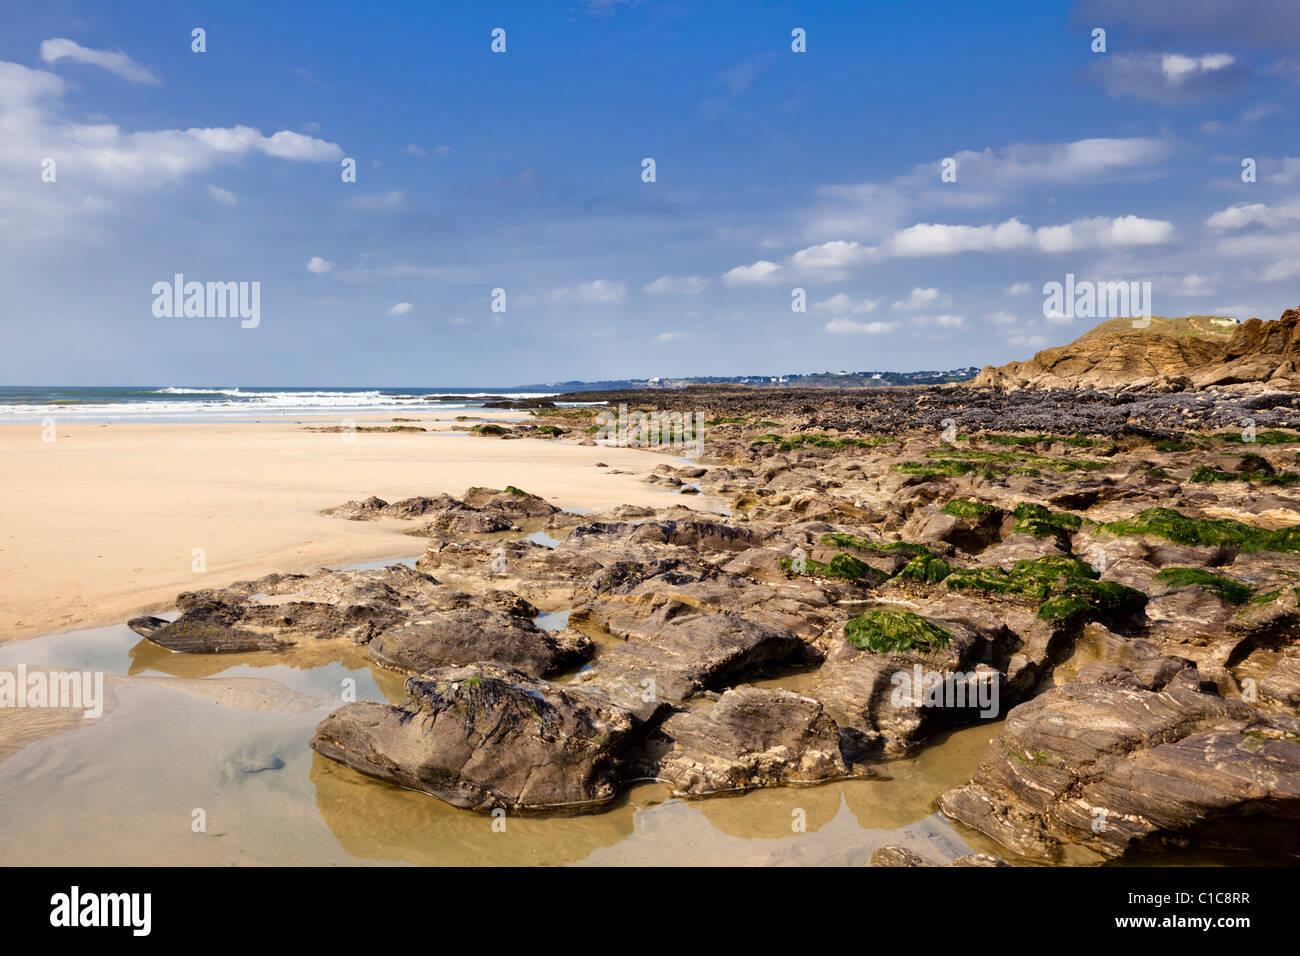 Les plages de Bretagne, France - plage et les rochers à Guidel Plages, près de Lorient, Morbihan, Bretagne, France. Banque D'Images